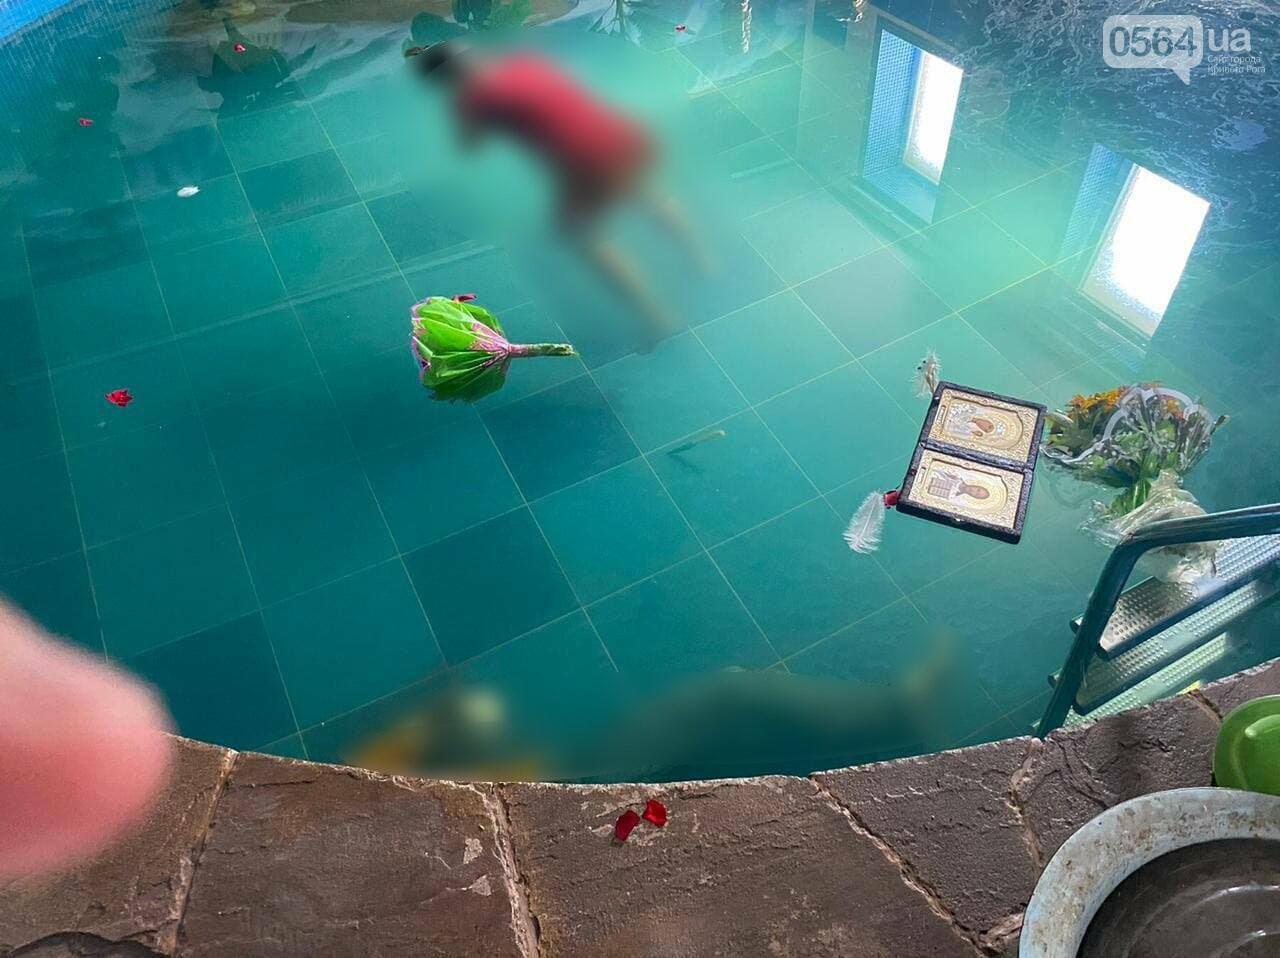 В Кривом Роге мужчина обнаружил в бассейне тела дочери и ее мужа, - ФОТО 18+, фото-2